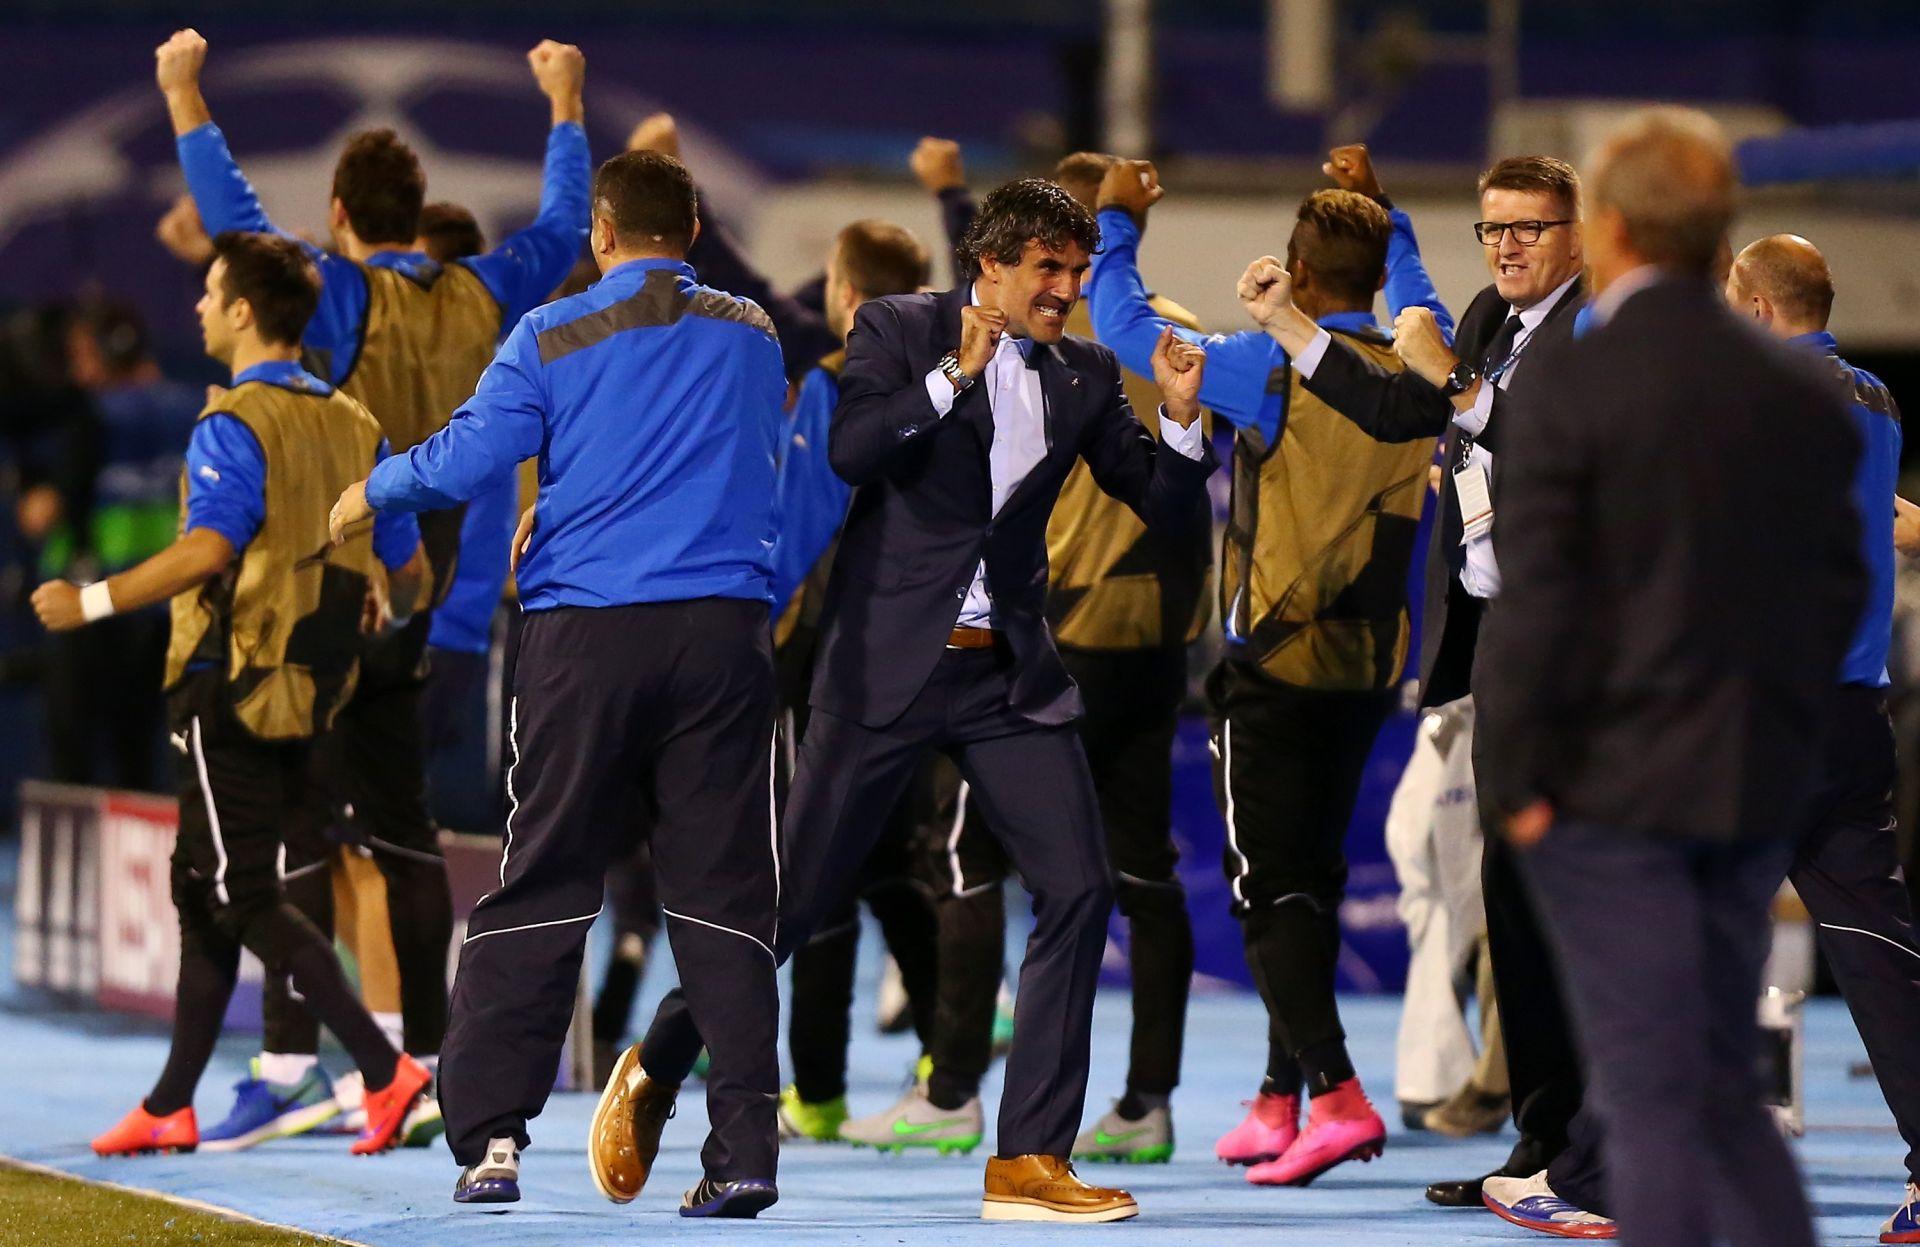 PETI NASTUP U LIGI PRVAKA Dinamo već zaradio 14 milijuna eura